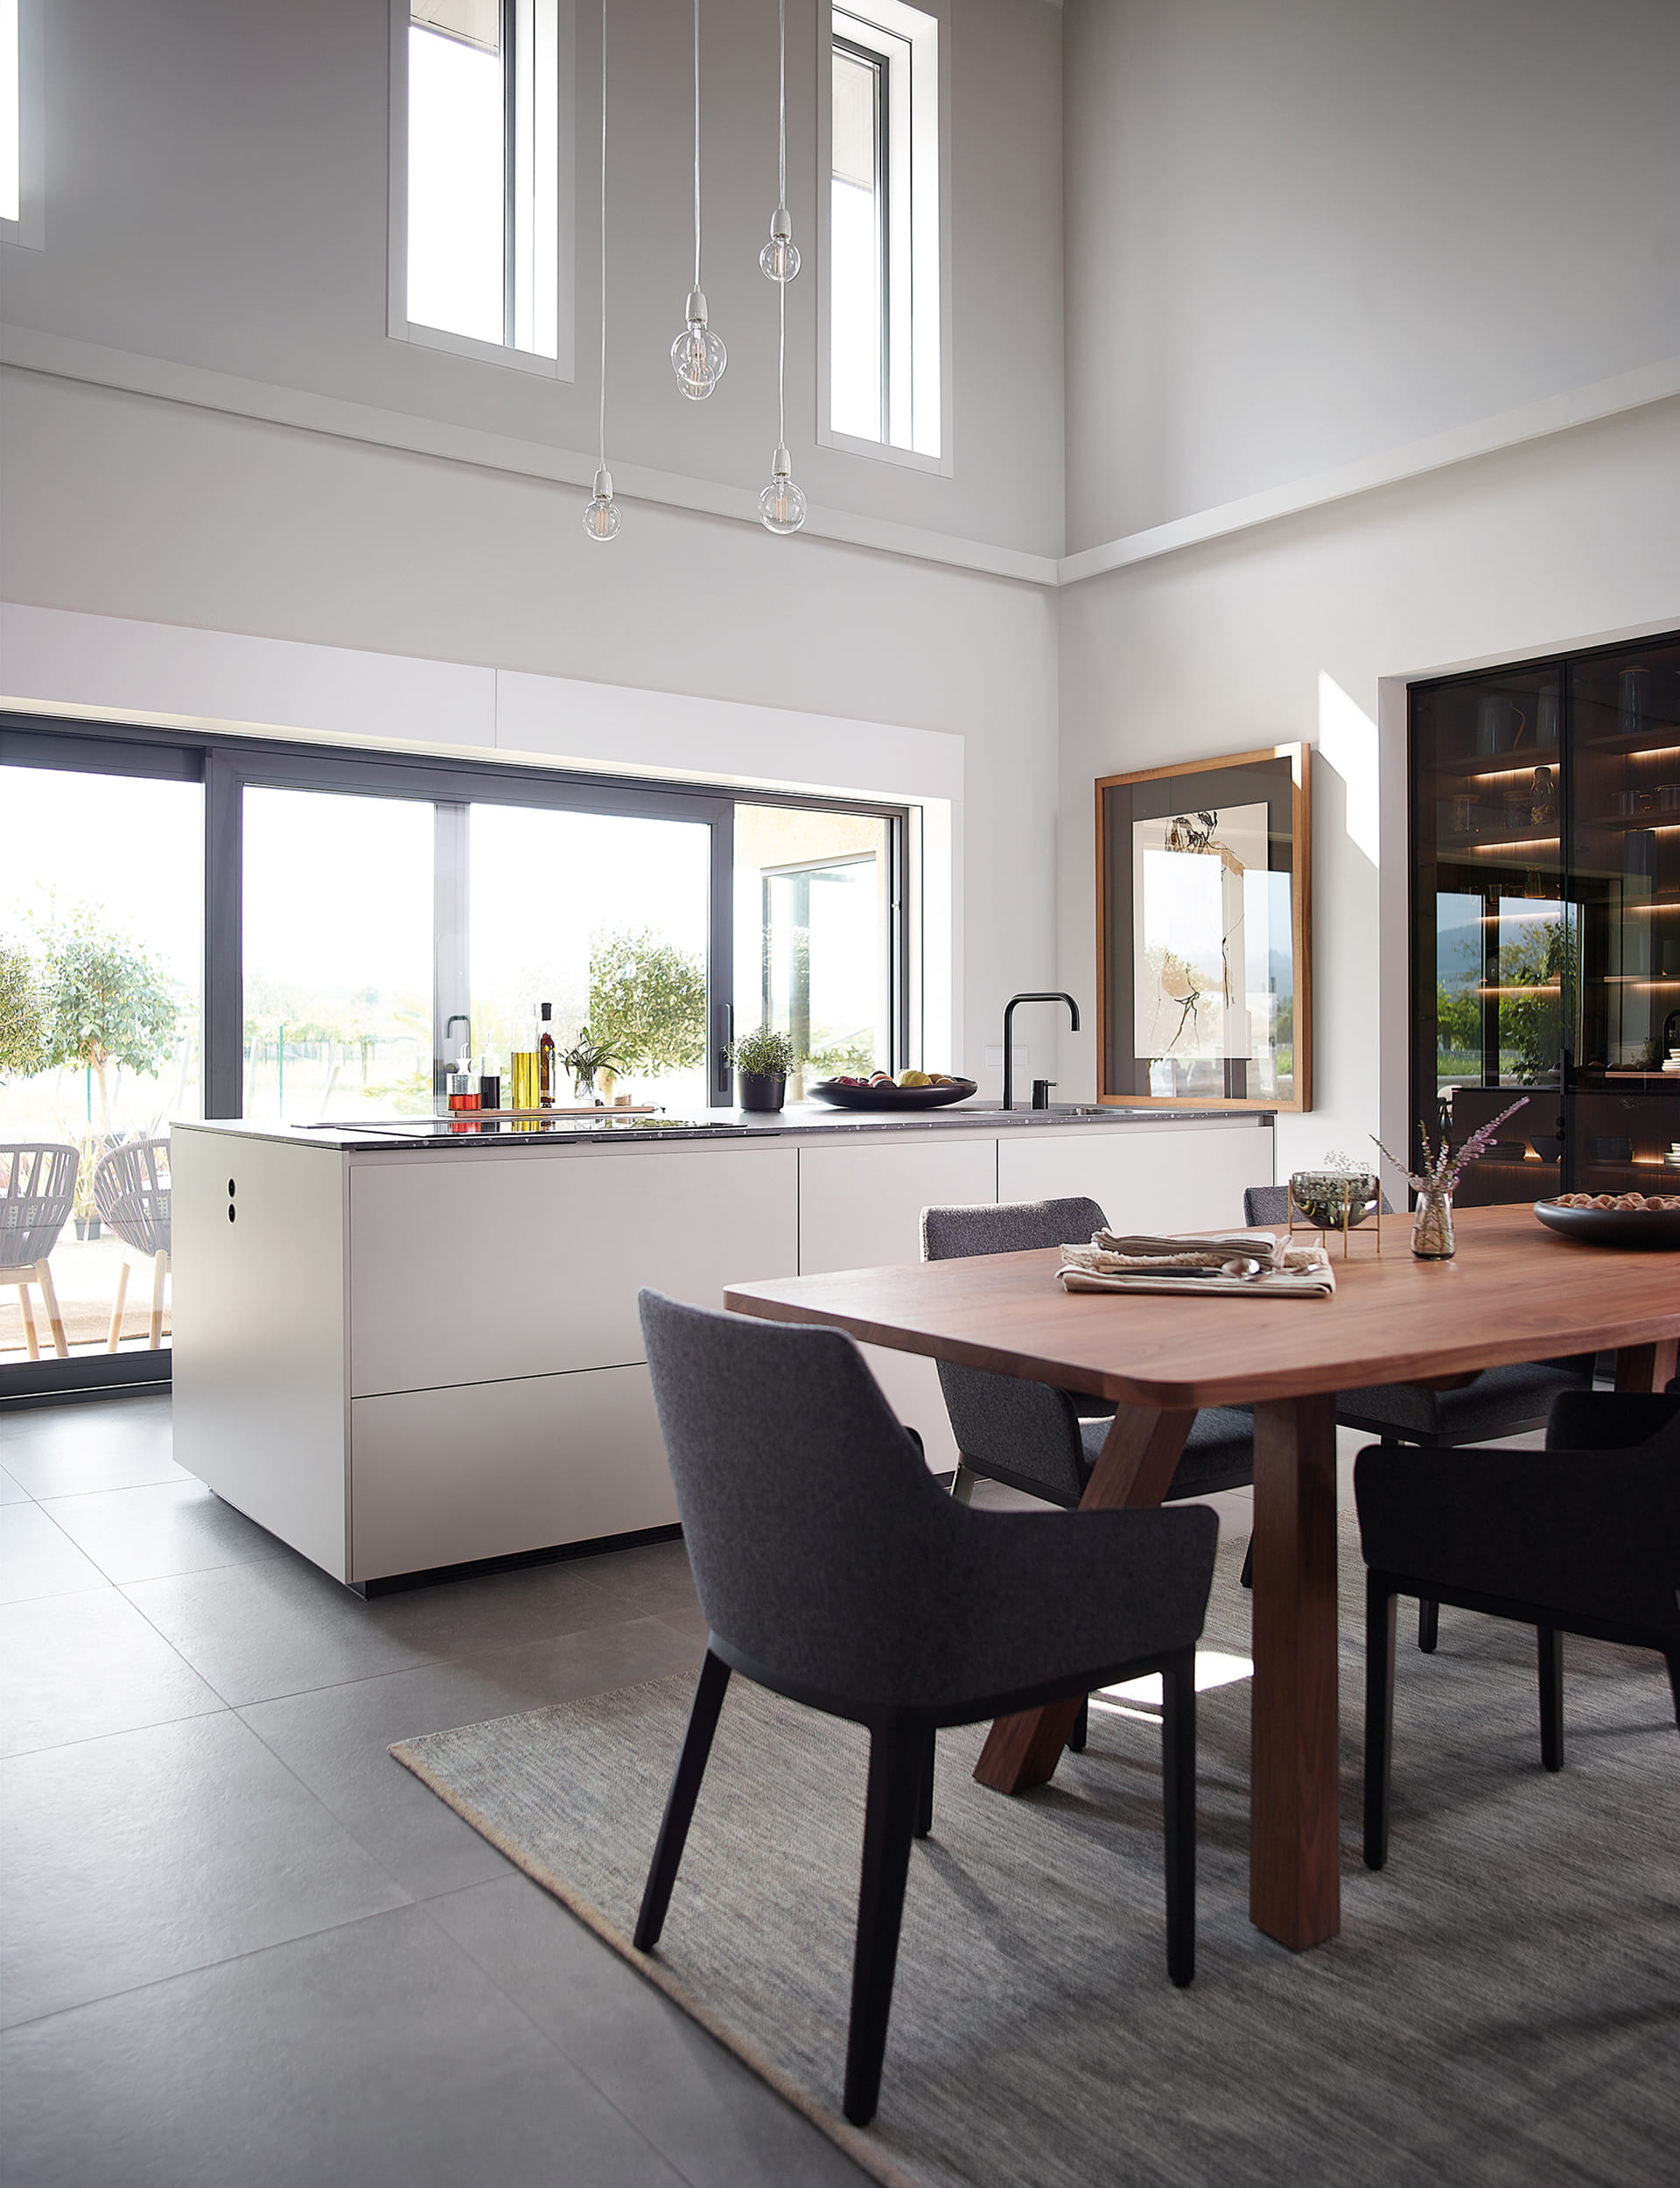 Keuken met tafel van notelaar